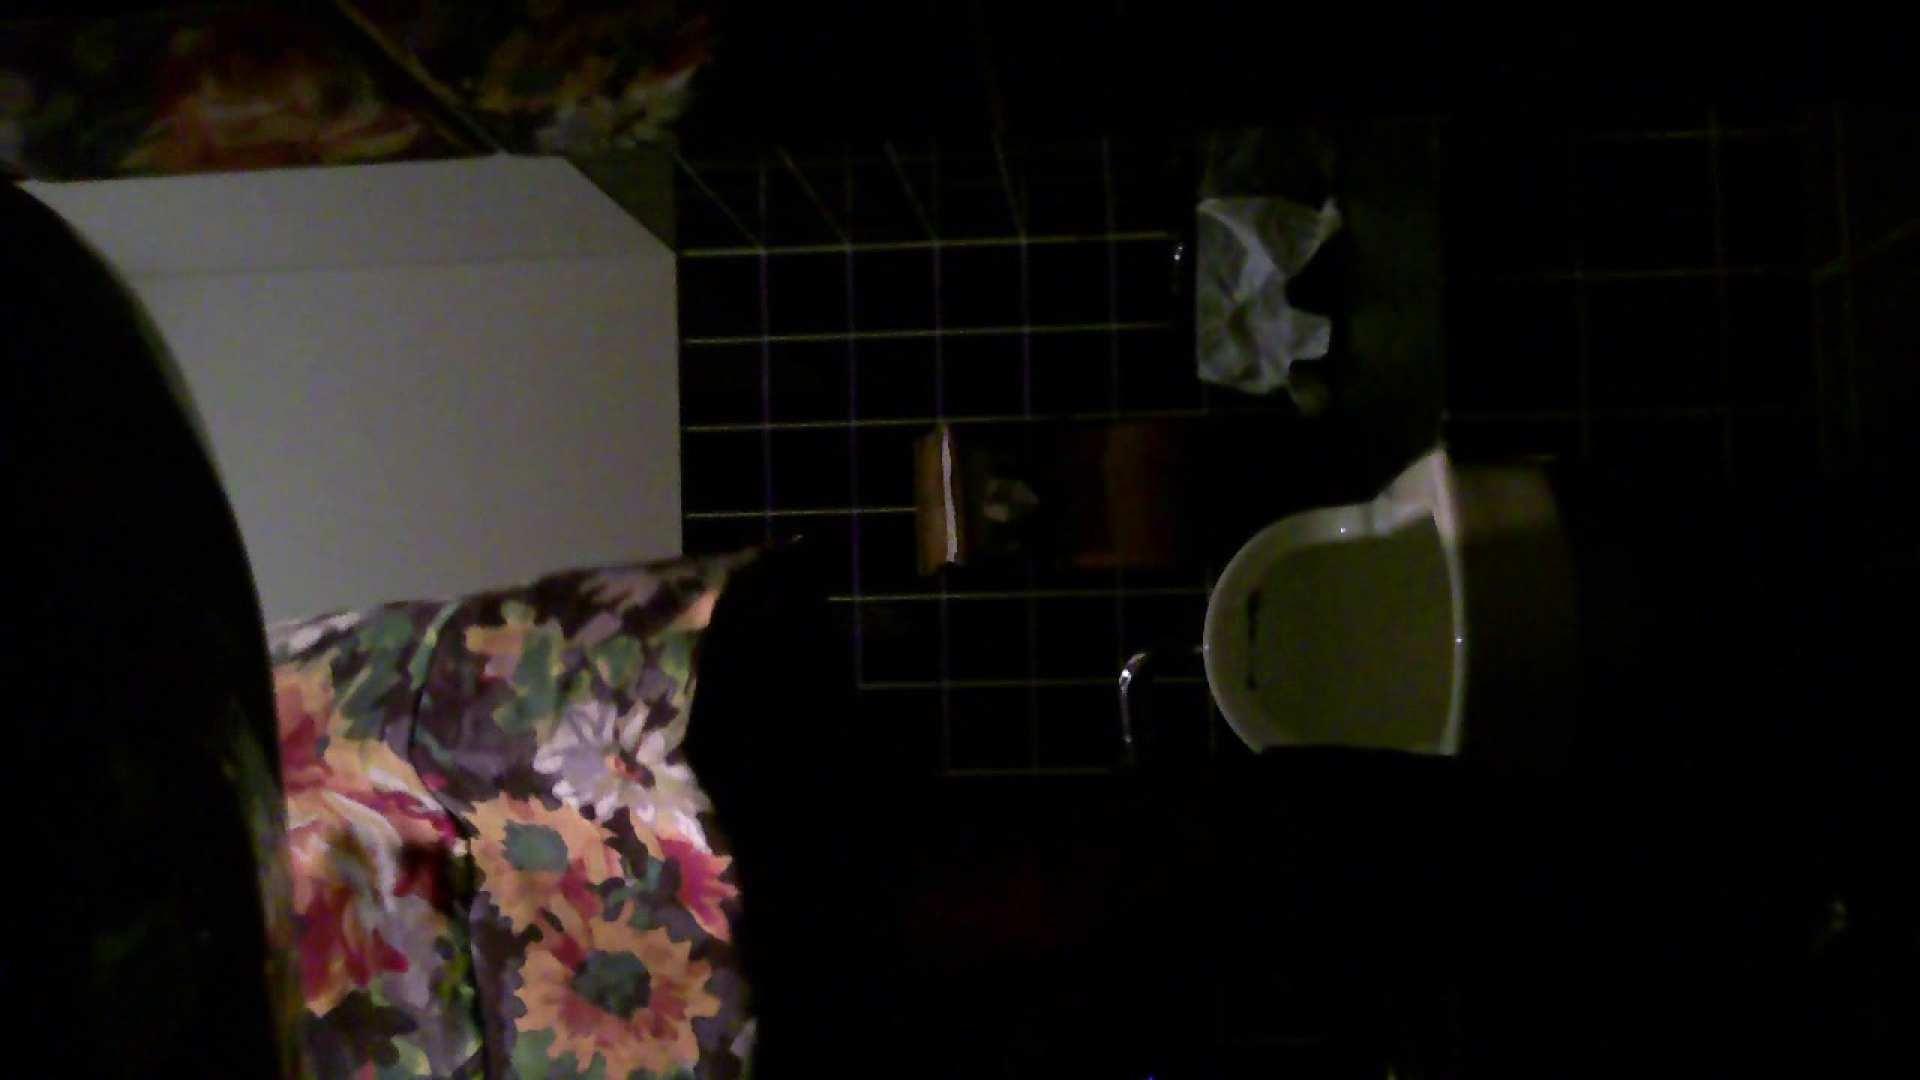 美女の集まる飲み屋洗面所 vol.04 美女エロ画像  52PICs 52